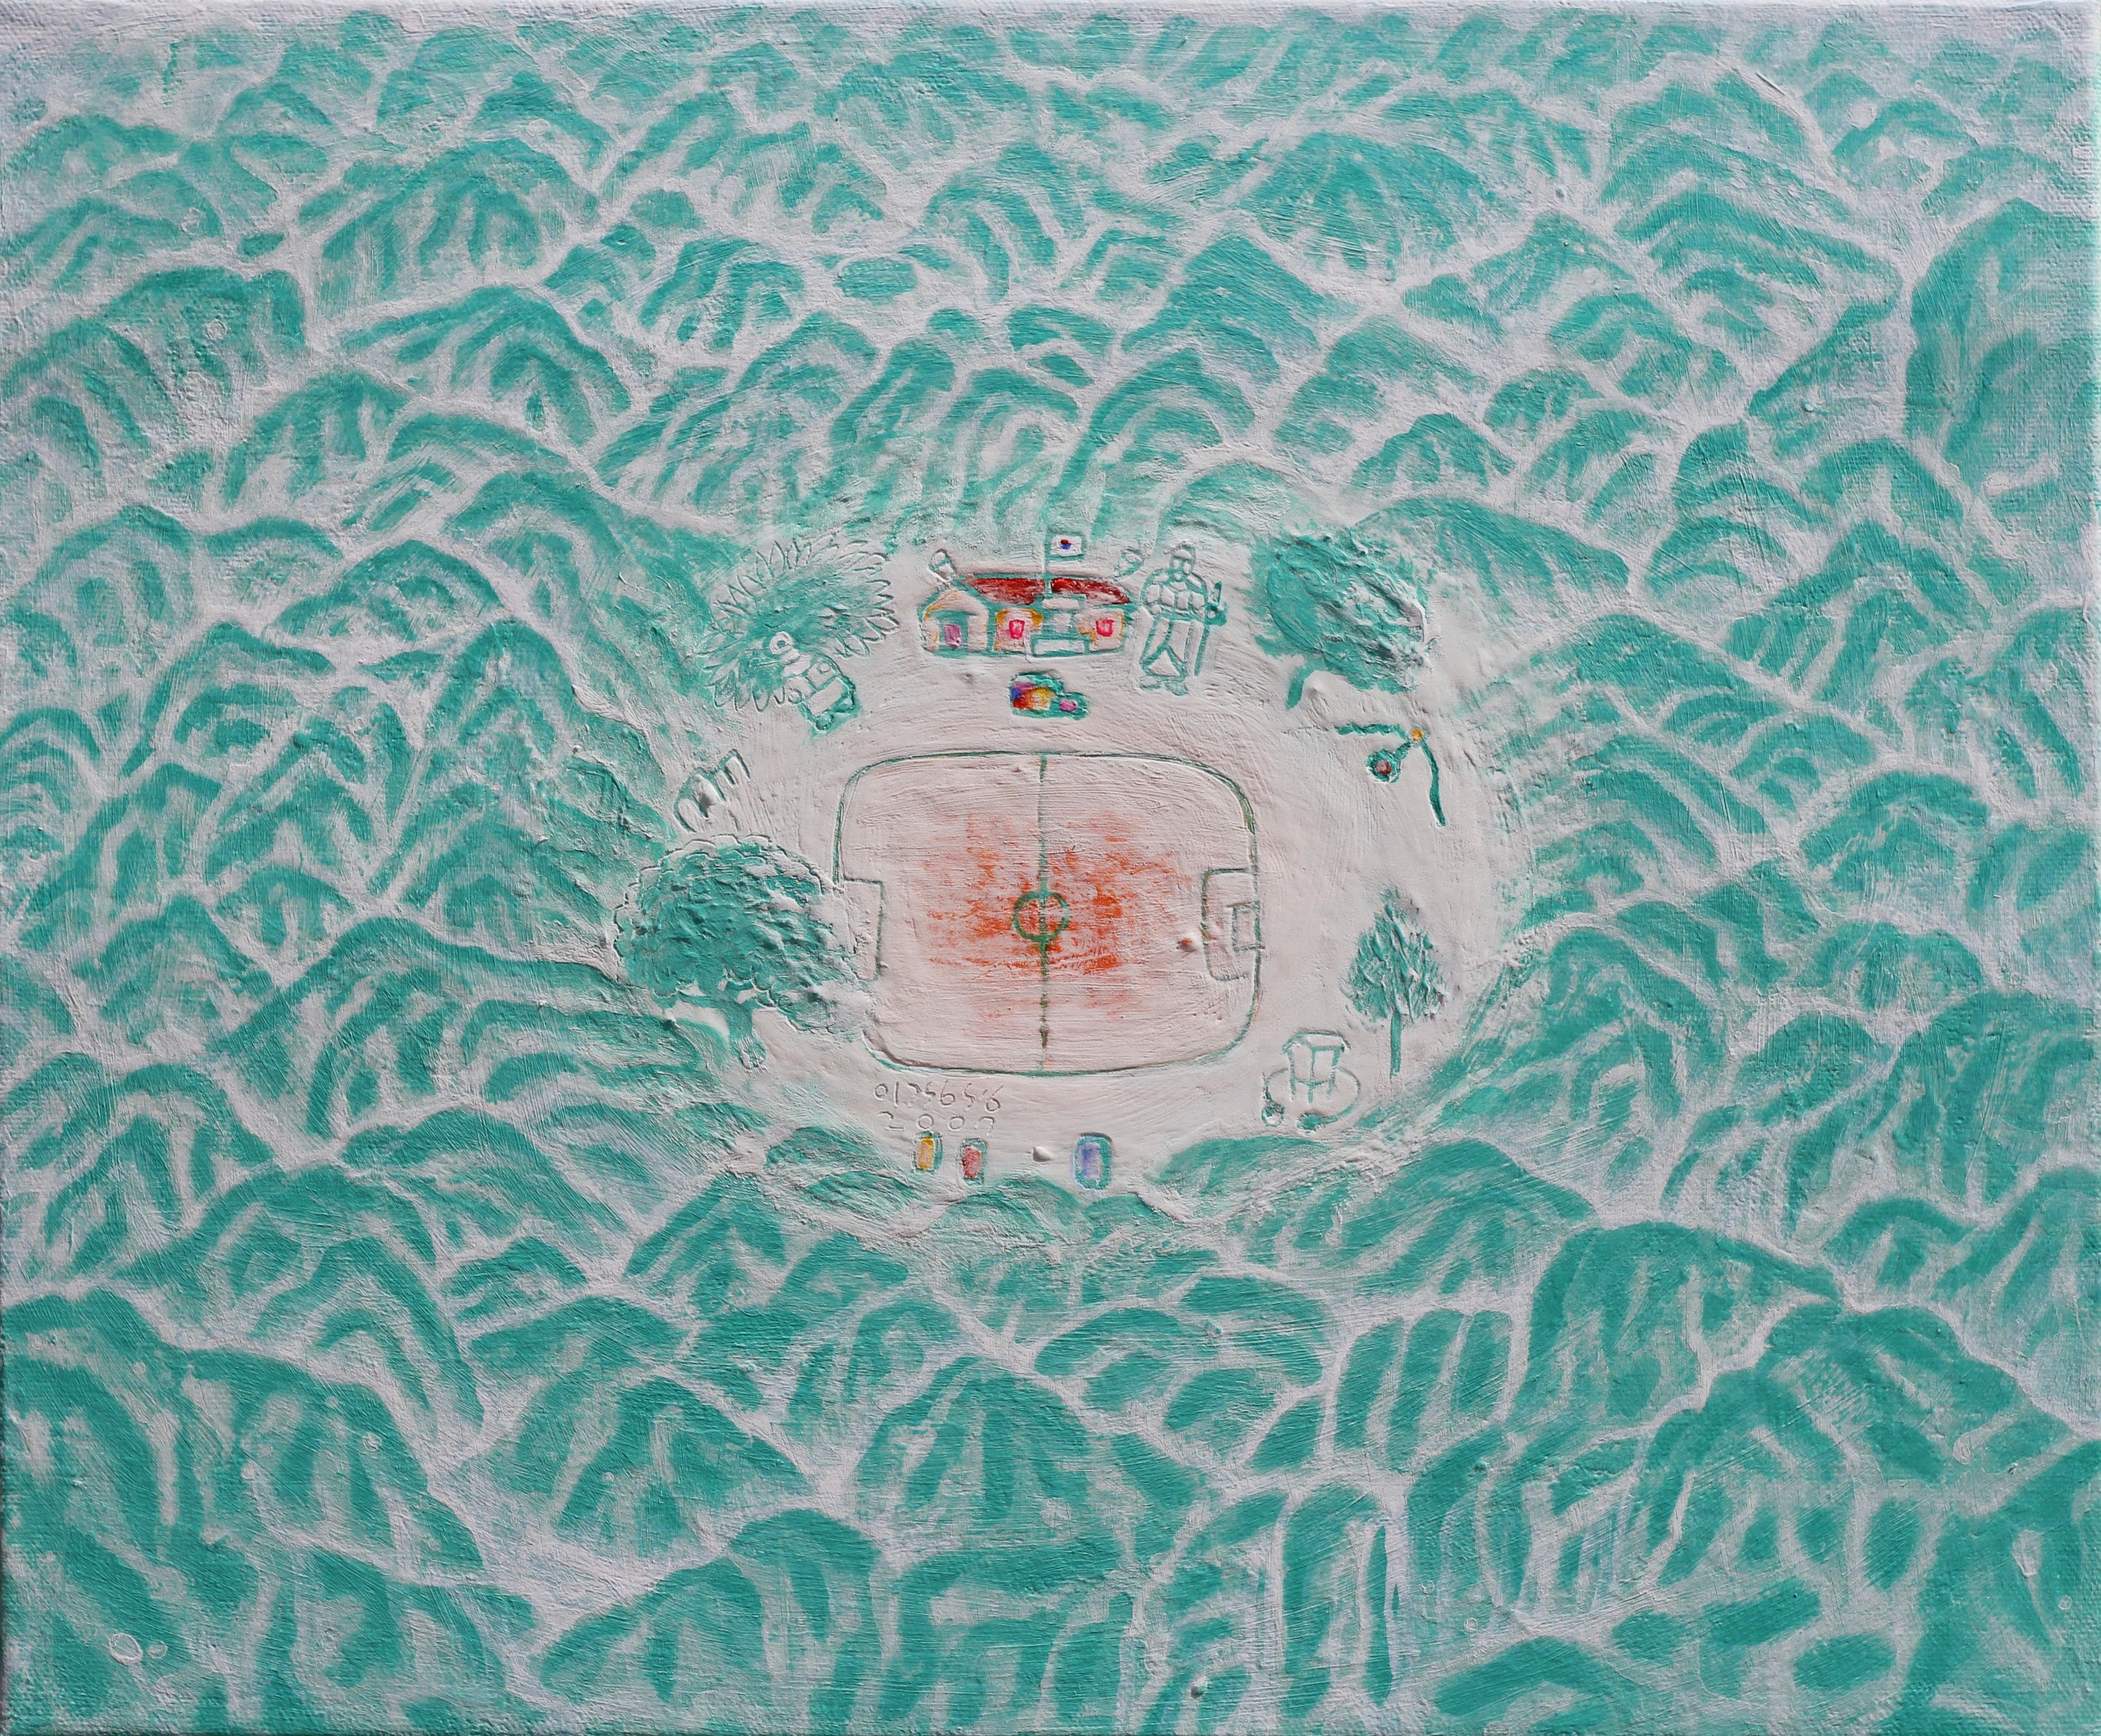 이경성002, 떨기나무-처음사랑 캔버스위에소멸침식법  45.5 x 33.4 2017